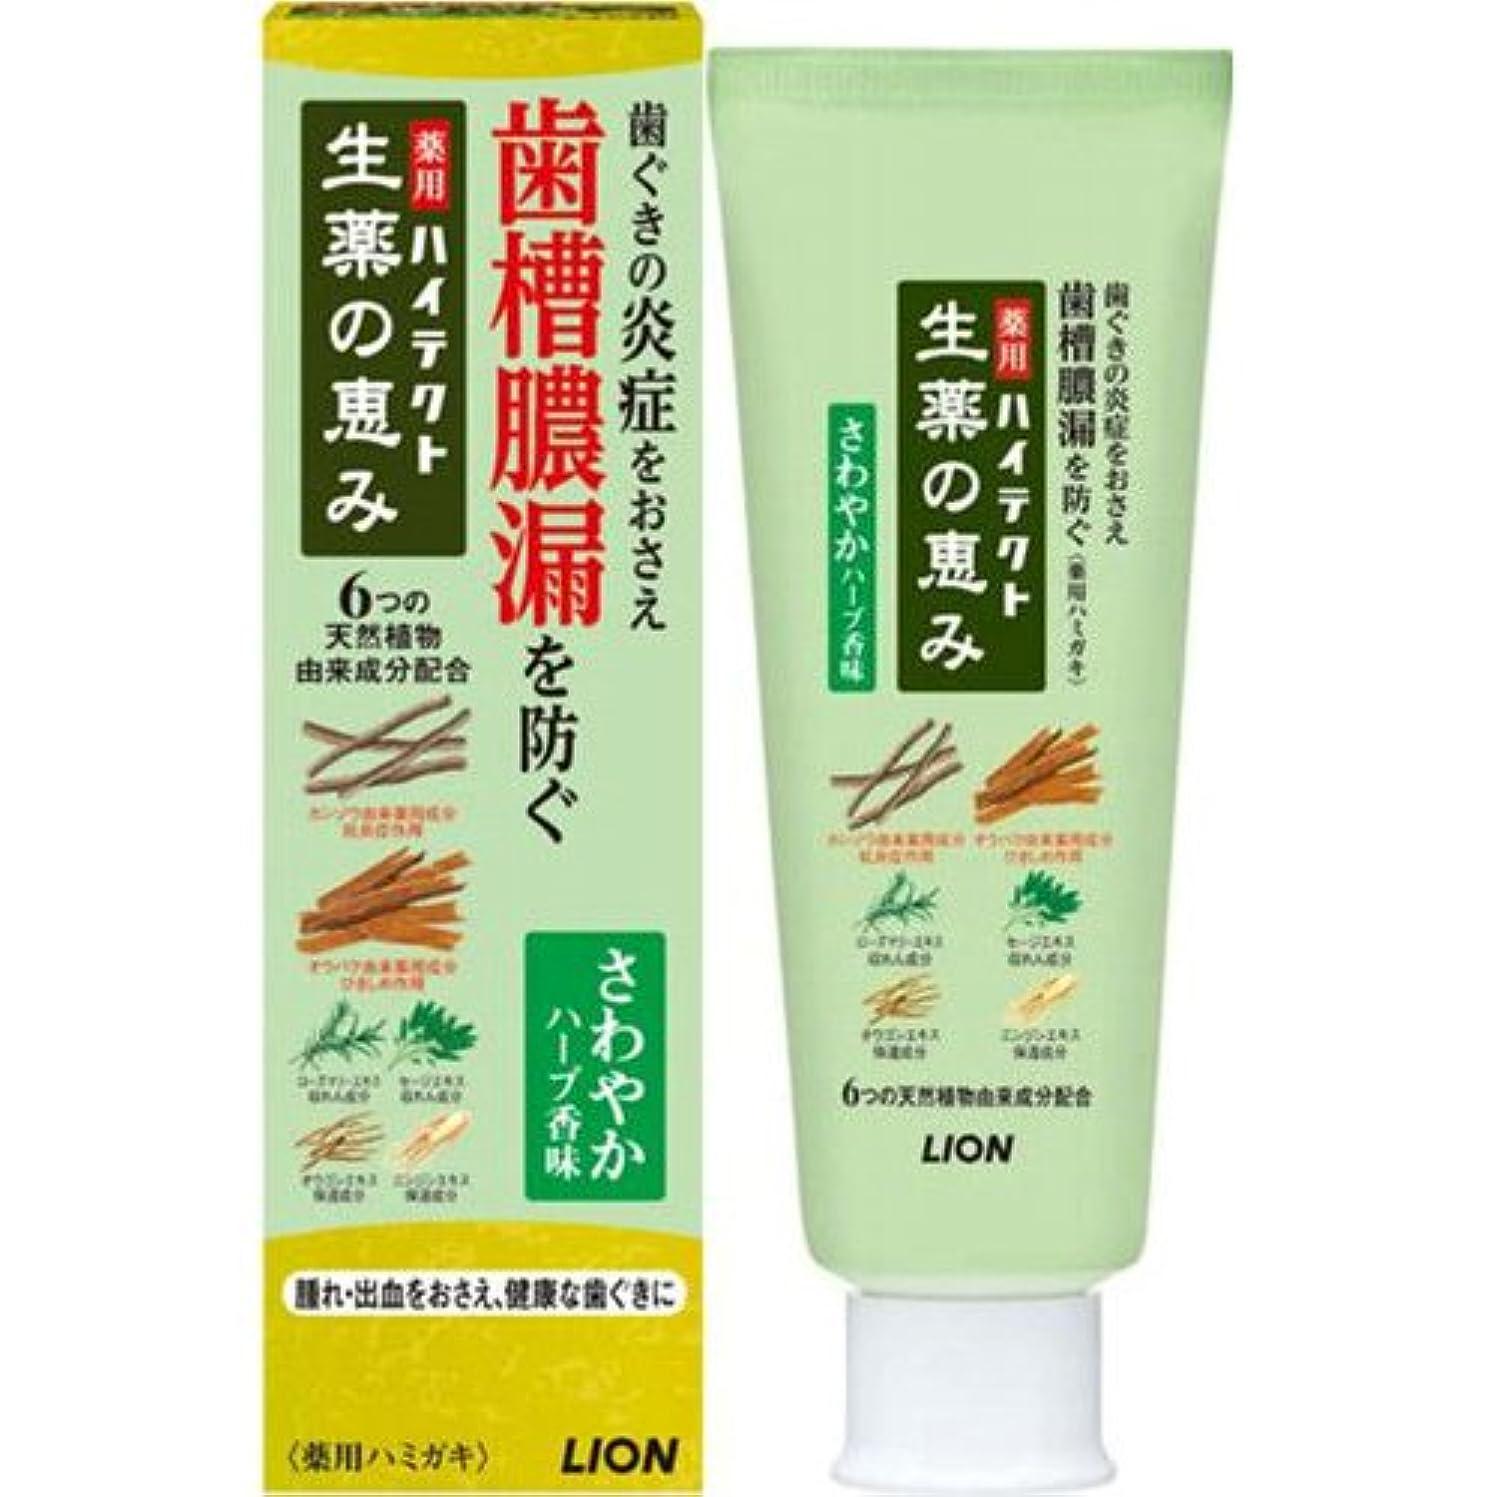 胚芽芝生コマンド【ライオン】ハイテクト 生薬の恵み さわやかハーブ香味 90g ×3個セット